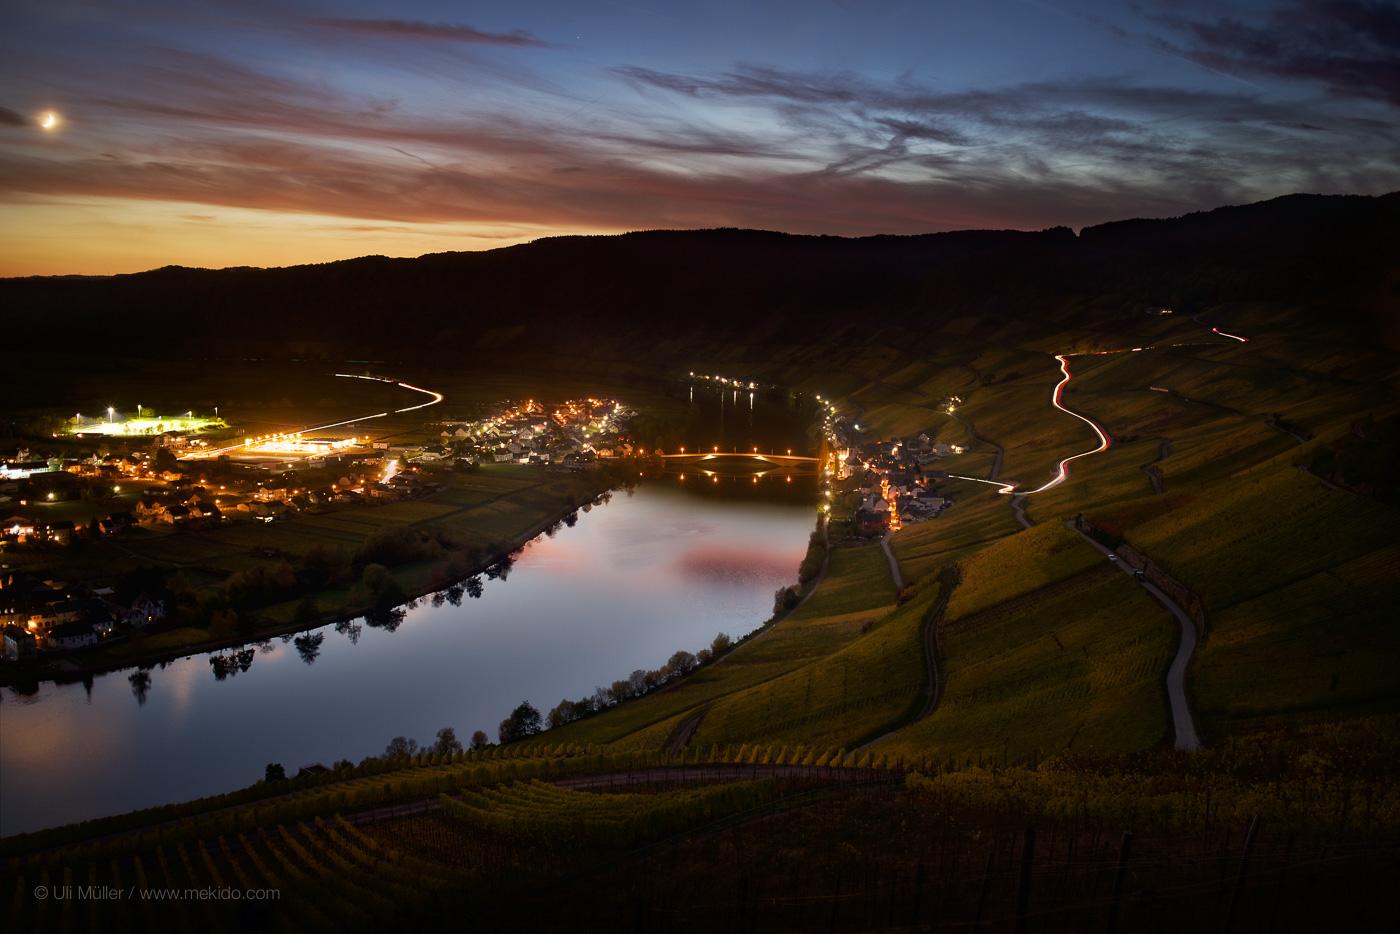 Landschaftsfoto von Piesport an der Mosel bei Nacht. Rechts im Bild noch zu erkennen, die Weinlage Piesporter Goldtröpfchen.